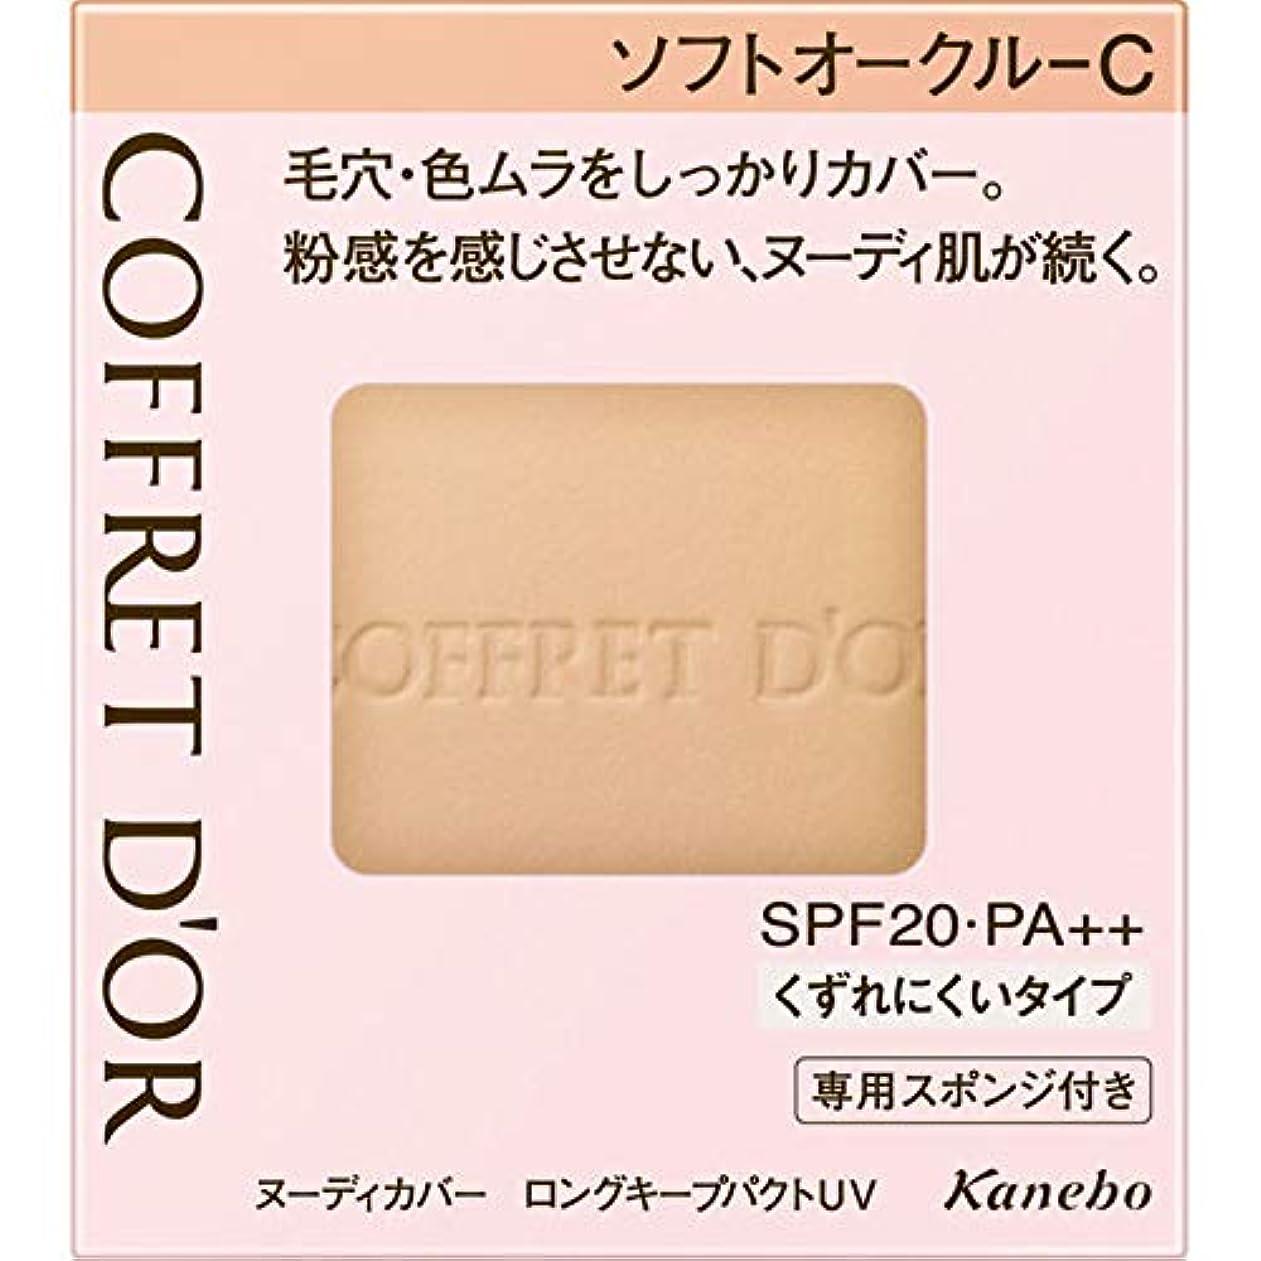 端末冷ややかな暗いカネボウ コフレドール ヌーディカバー ロングキープパクトUV ソフトオークル-C 9.5g レフィル